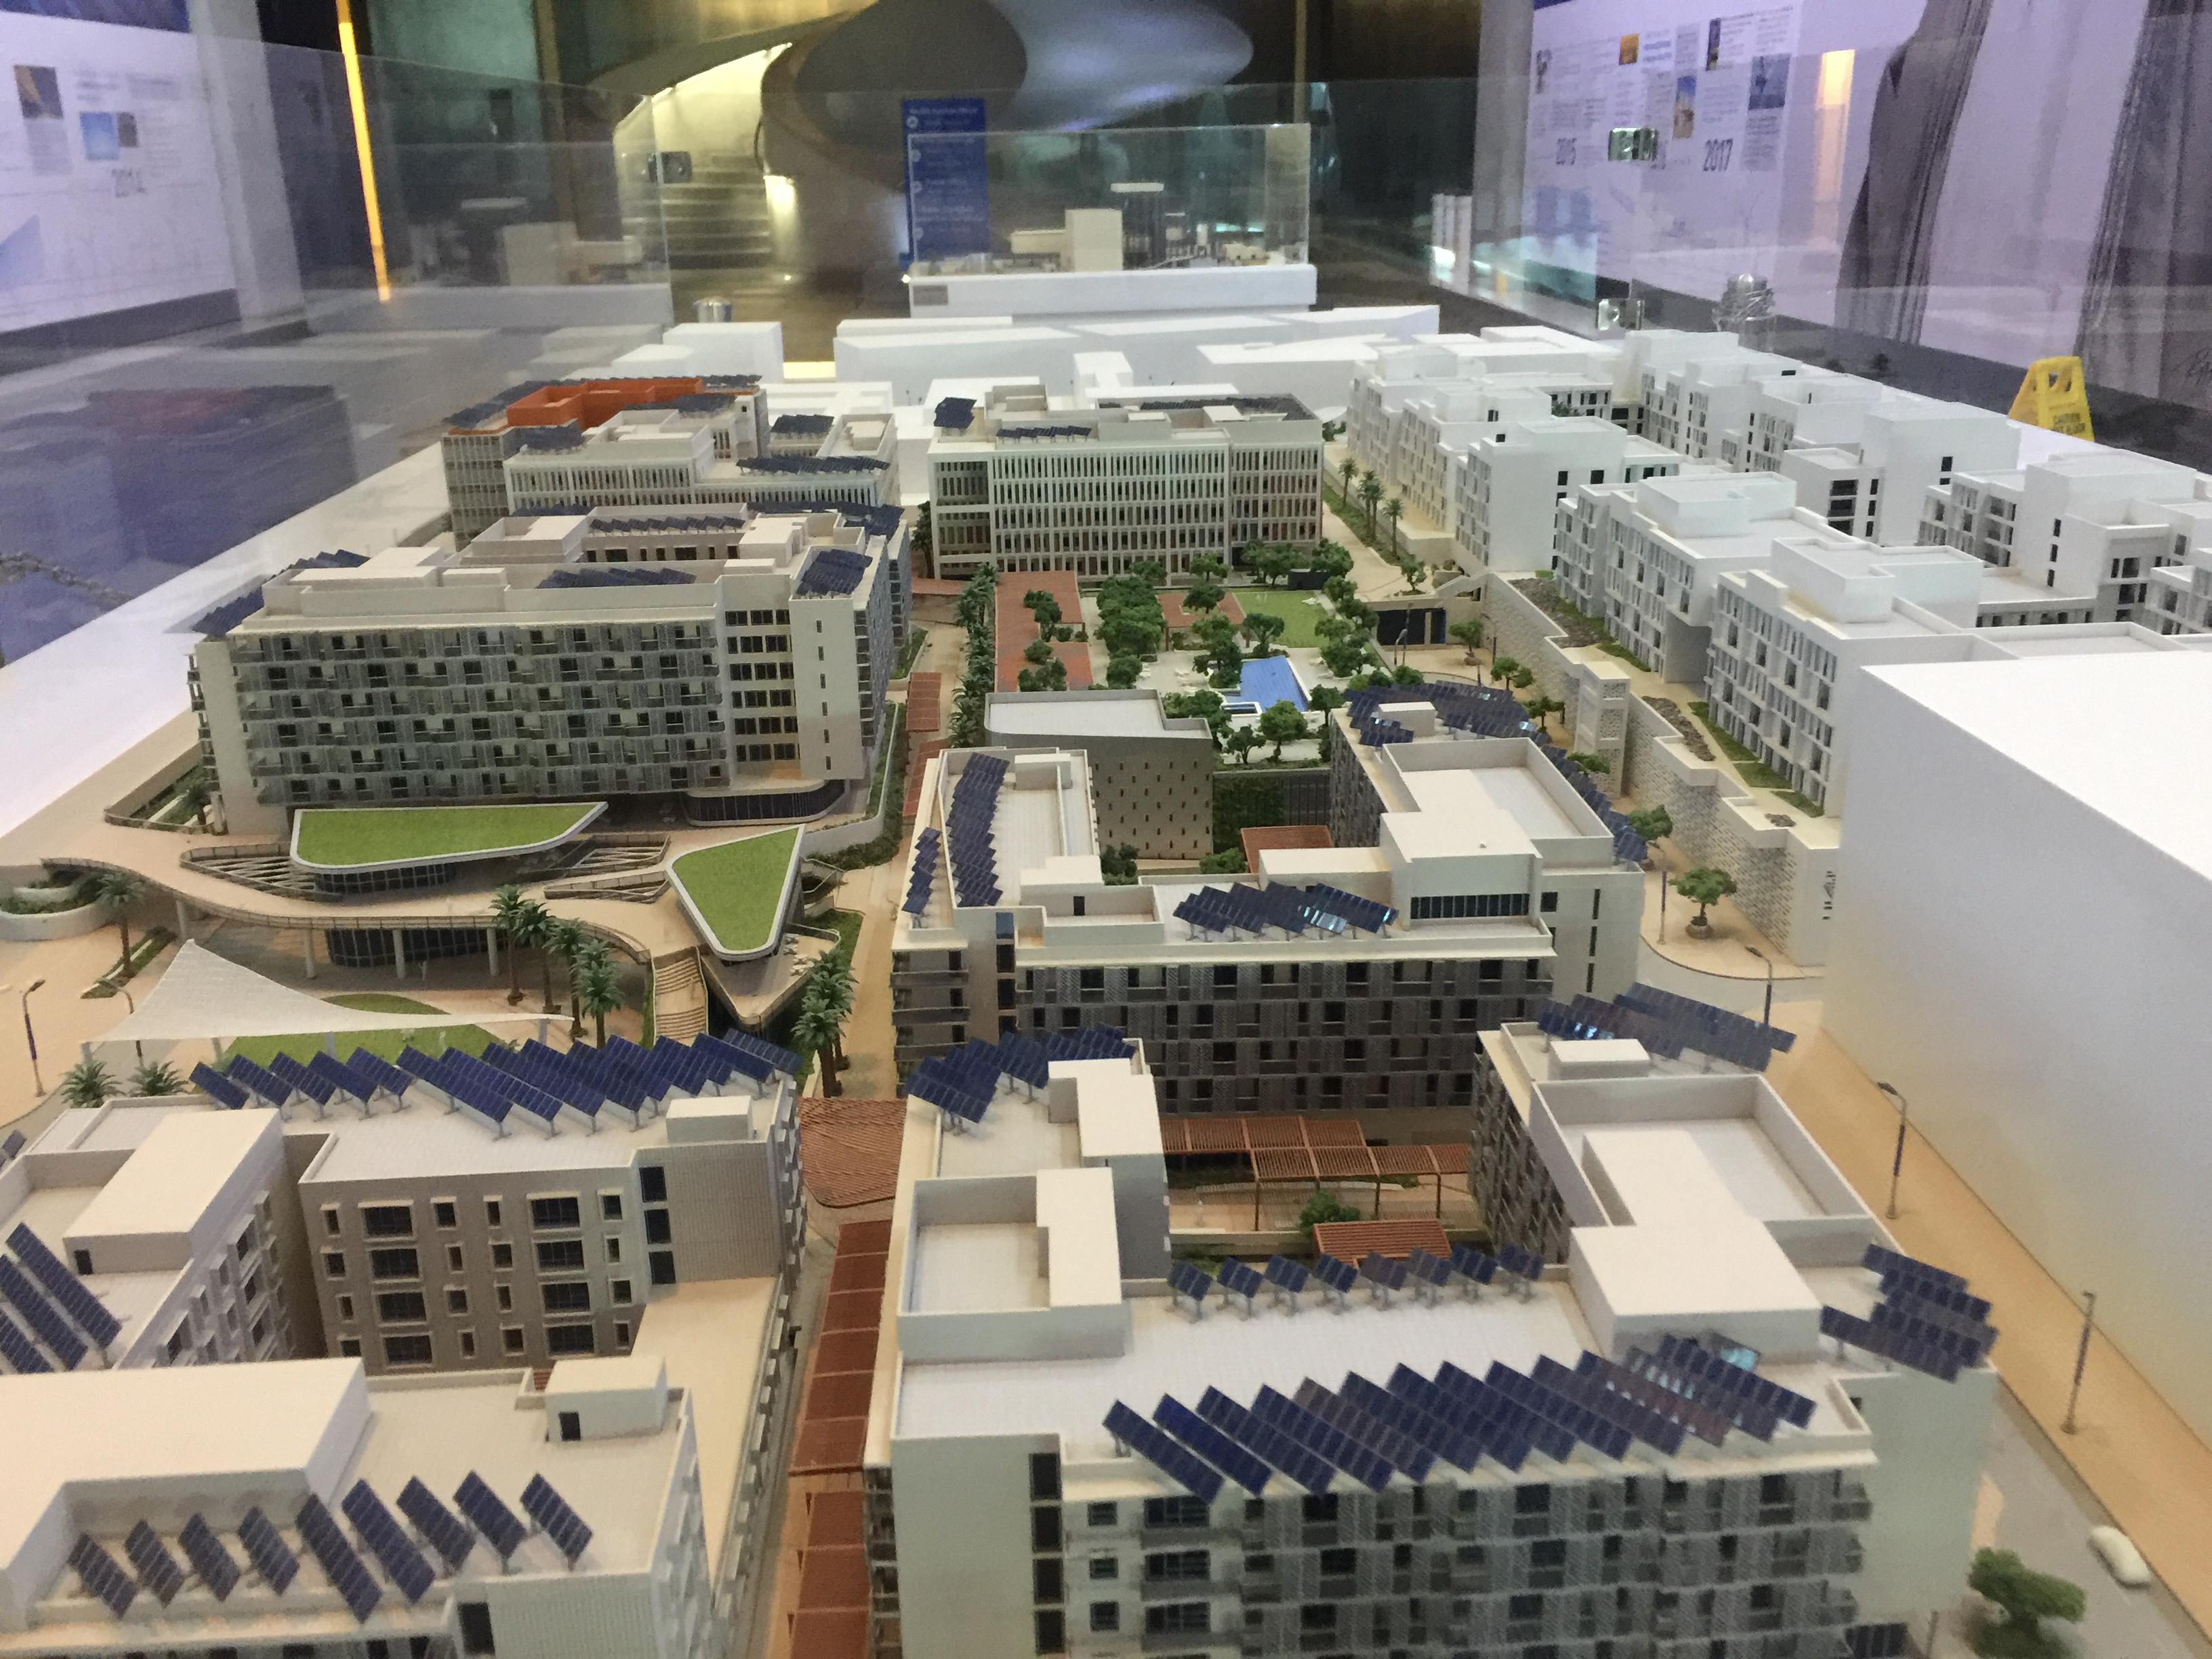 ماكيت لمباني يتم إنشائها حاليا ذاتية الطاقة  (4)